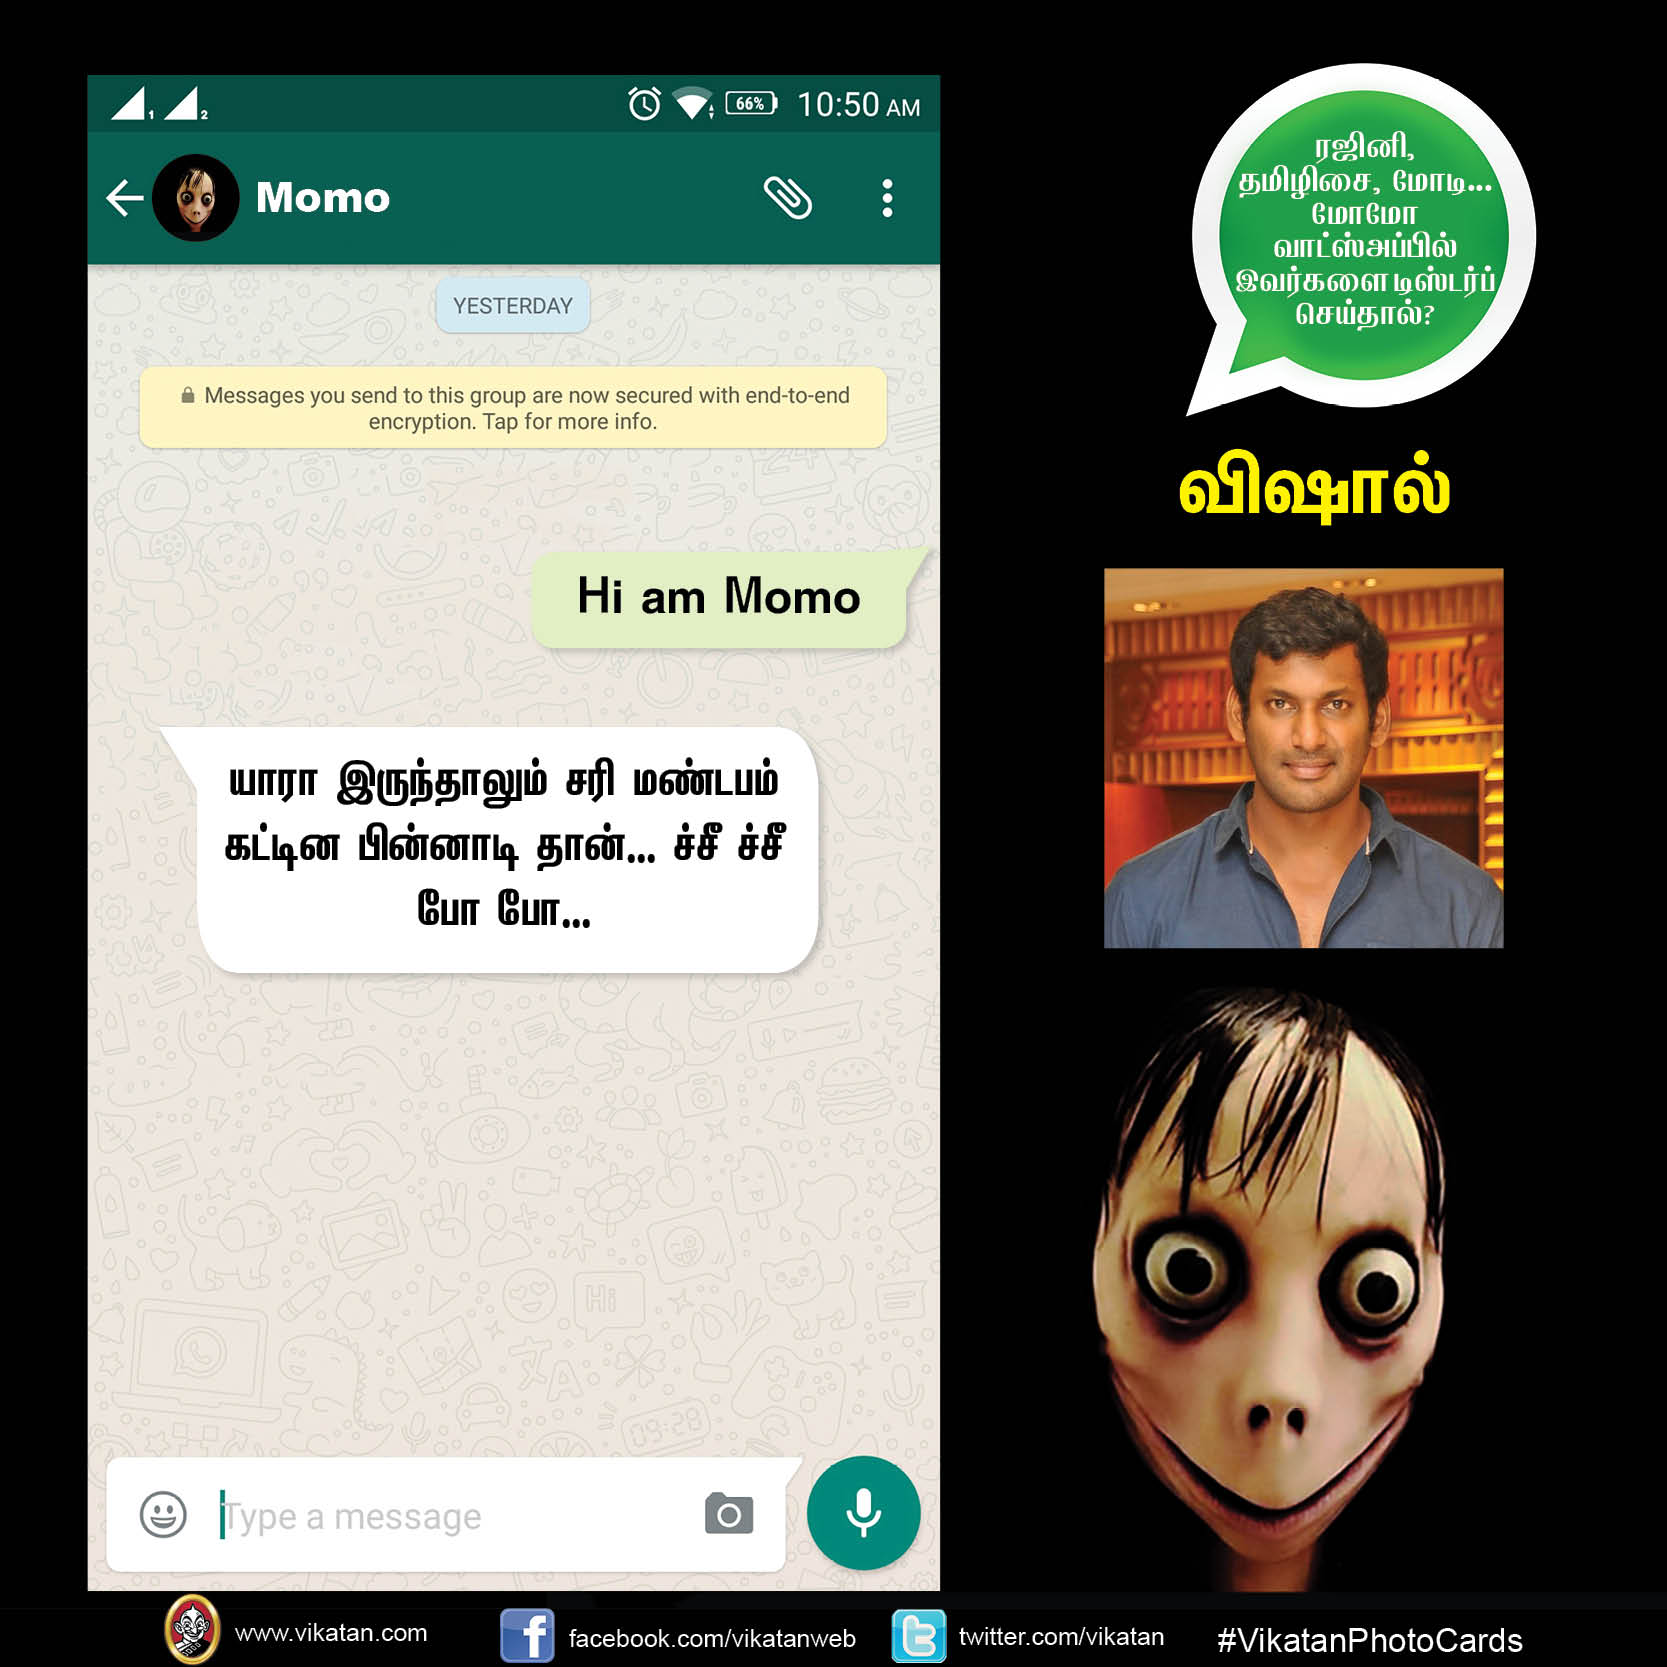 ரஜினி, தமிழிசை, மோடி... மோமோ வாட்ஸ்அப்பில் இவர்களை டிஸ்டர்ப் செய்தால்? #VikatanPhotoCards